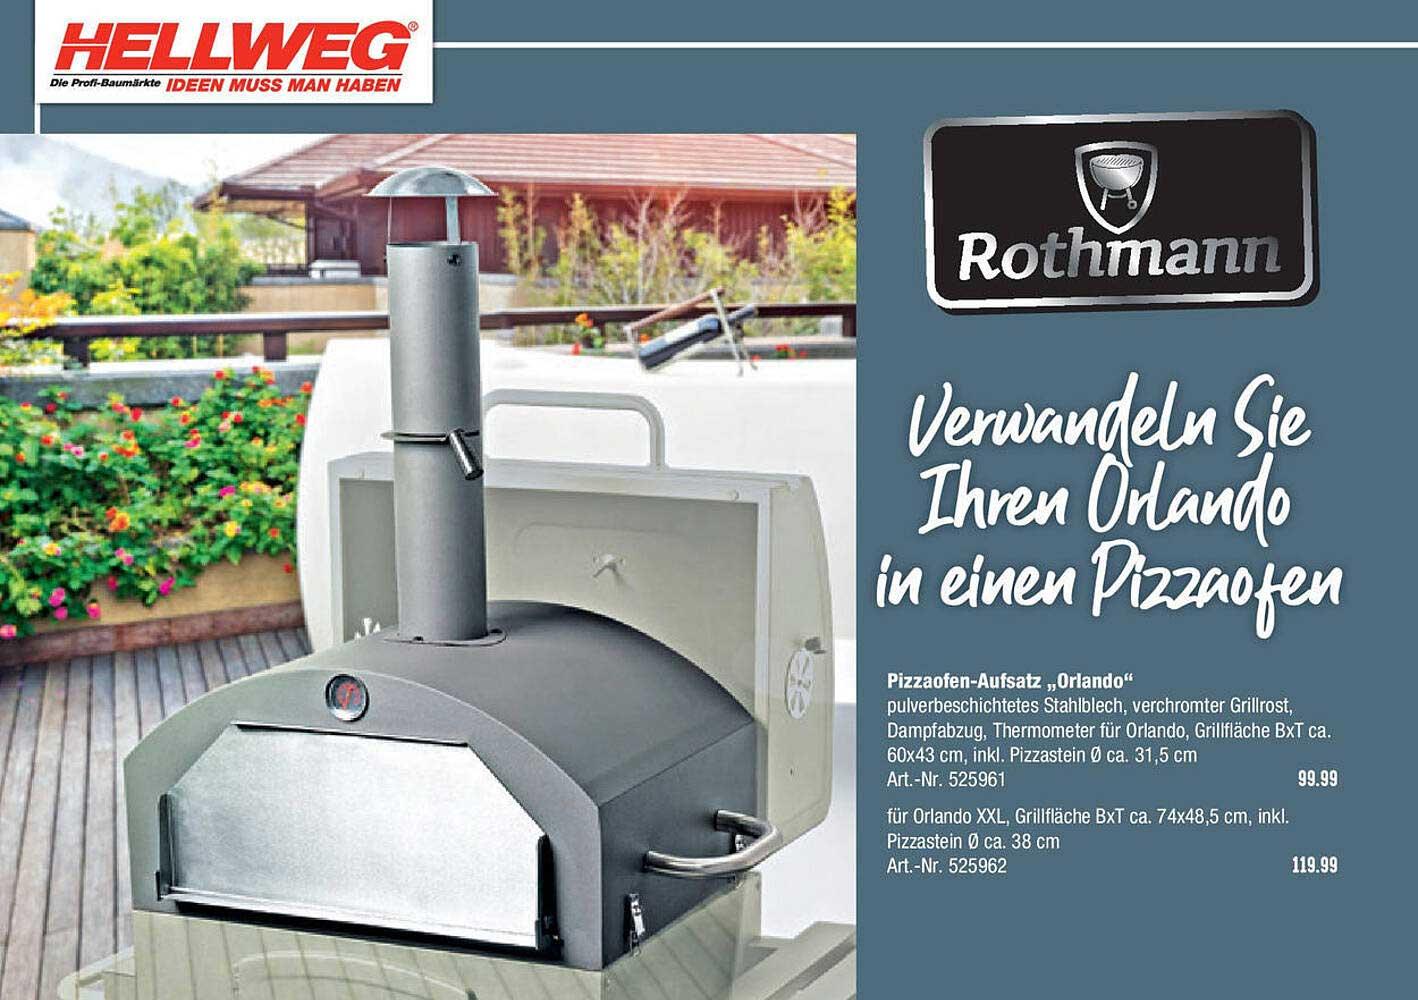 Hellweg Rothmann Pizzaofen Aufsatz Orlando